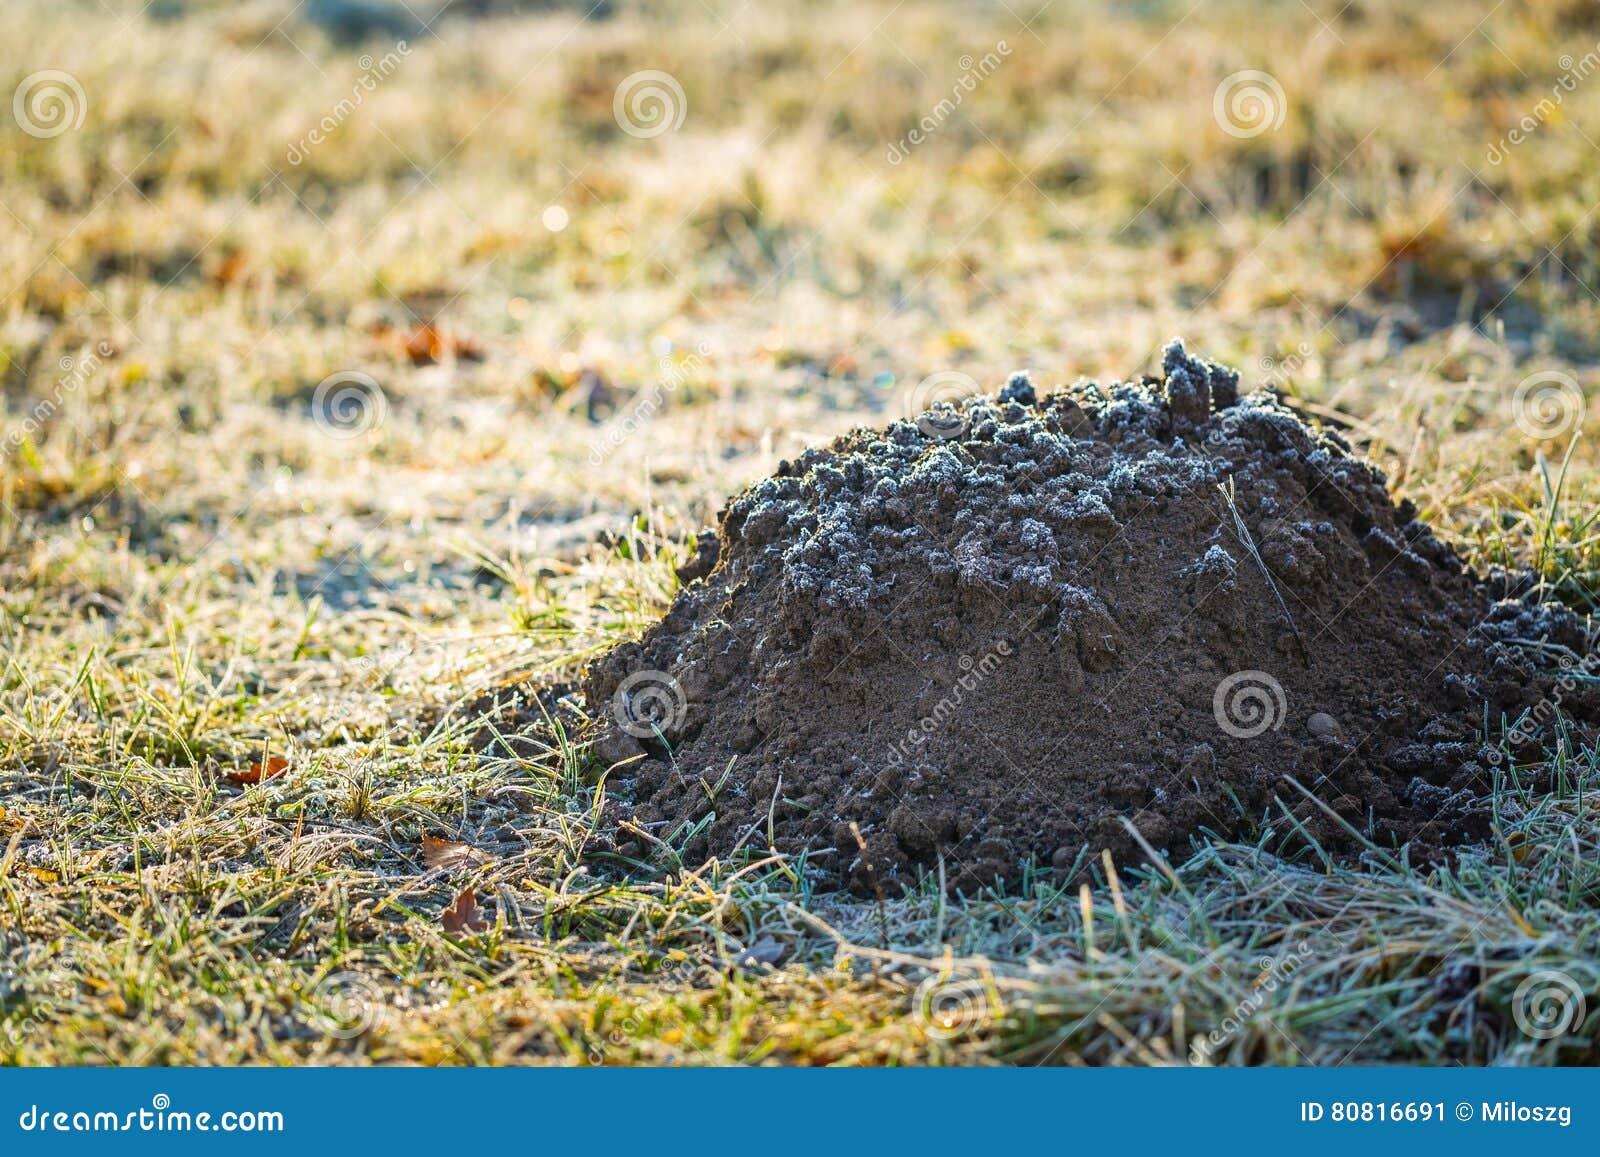 Cumulo di terra sollevato dalla talpa in giardino fotografato al